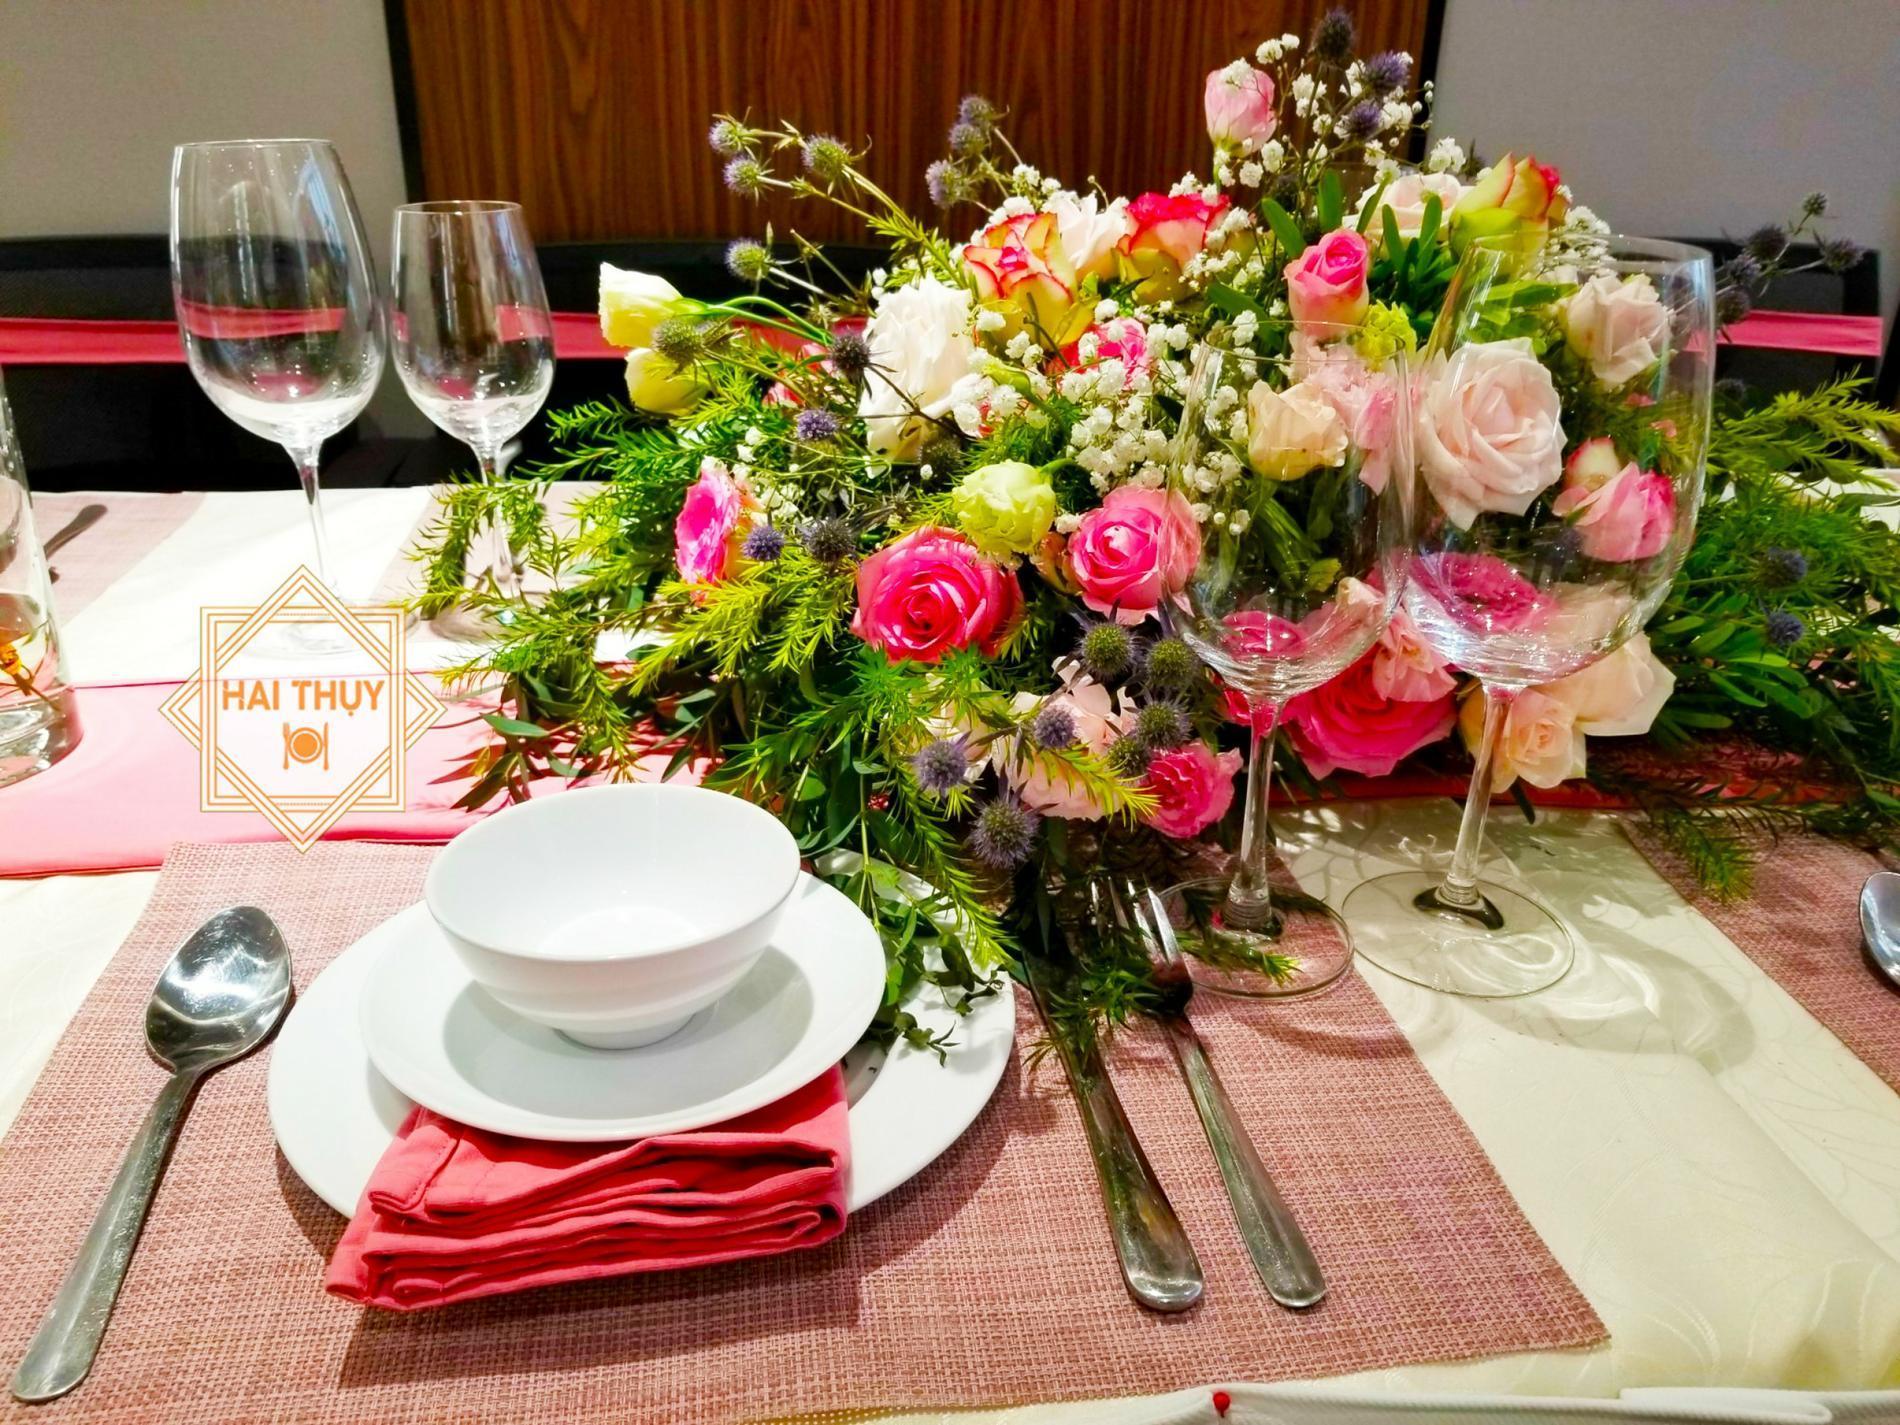 Đặt tiệc tân niên quận 1 độc đáo với ý tưởng tổ chức tiệc công ty Hai Thụy Catering